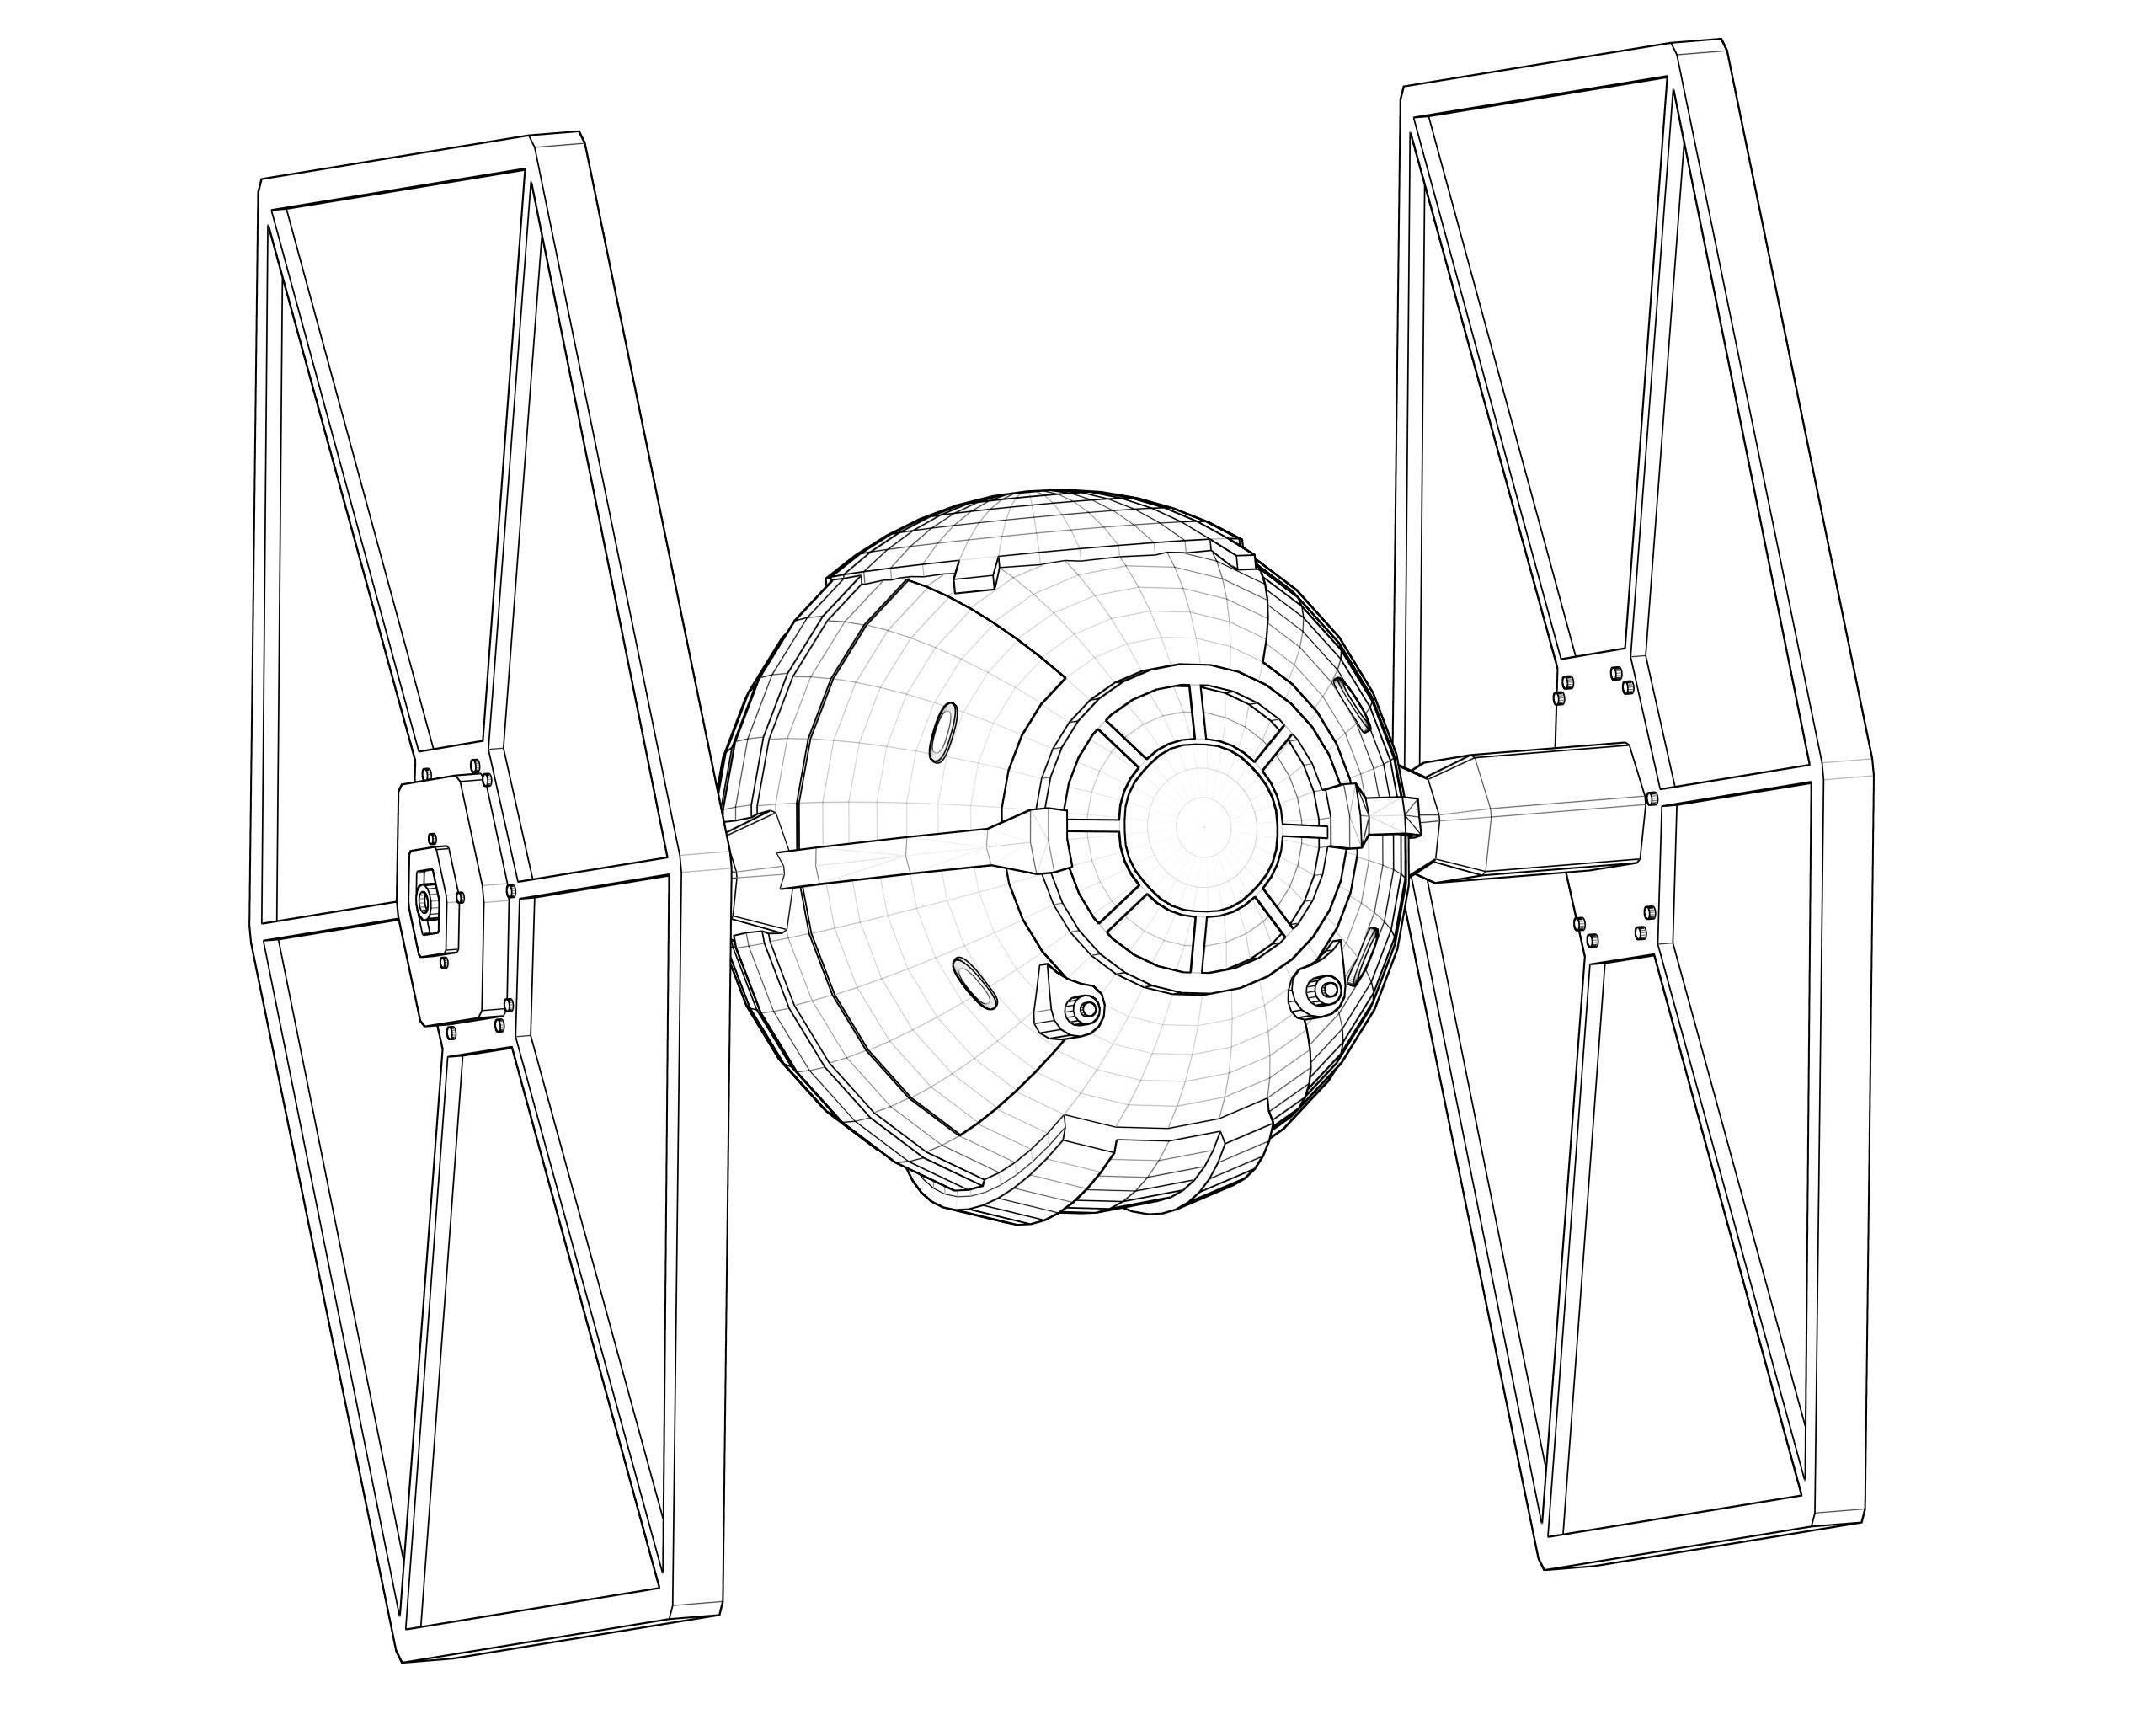 Ausmalbilder Star Wars X Wing Star Wars Malbuch Star Wars Ausmalbilder Star Wars Zeichnungen